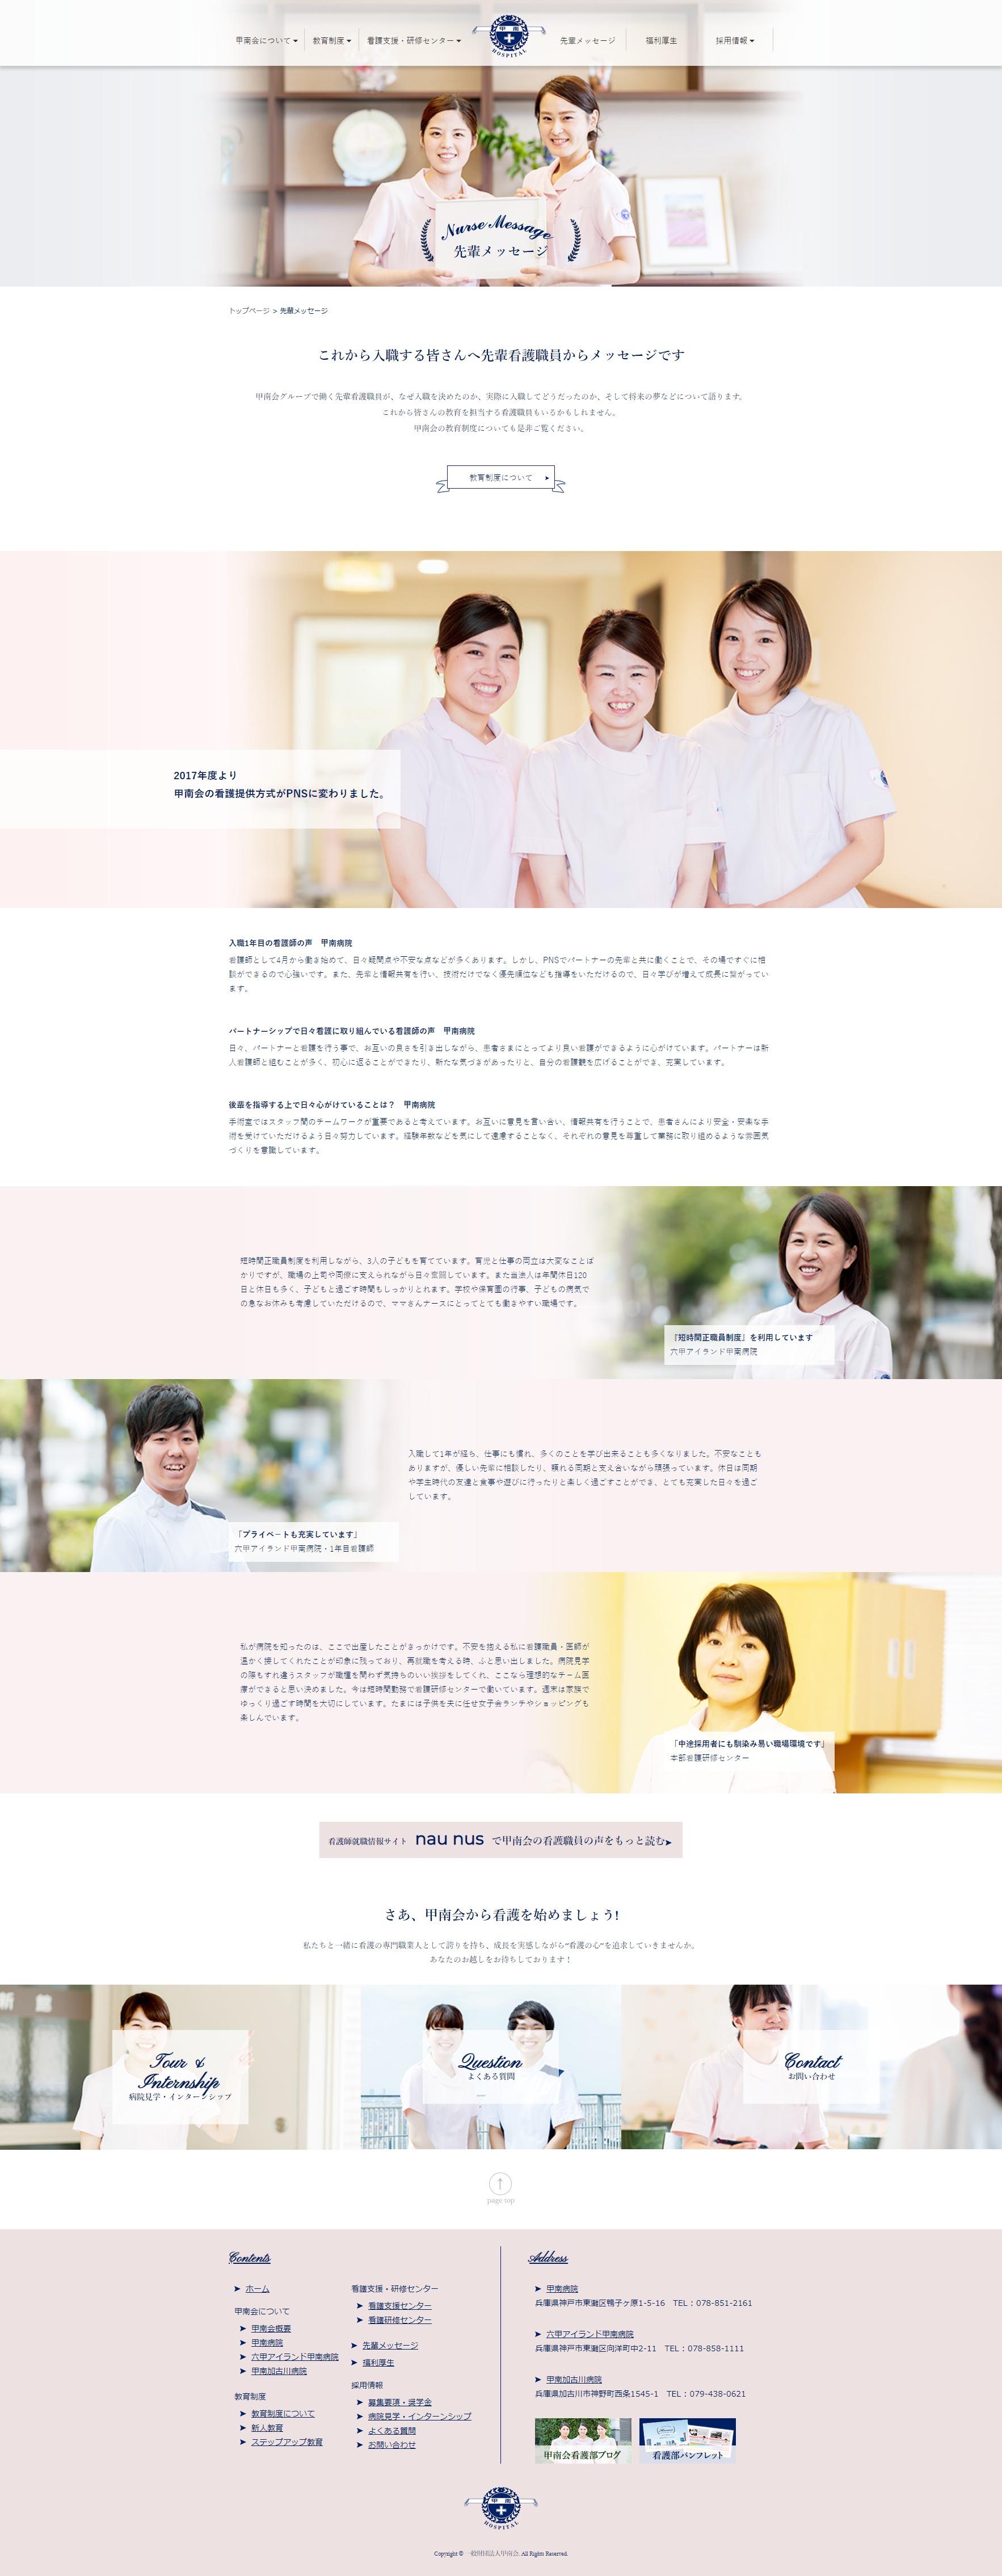 2018年4月作成「甲南会」看護部サイト_サブ画像